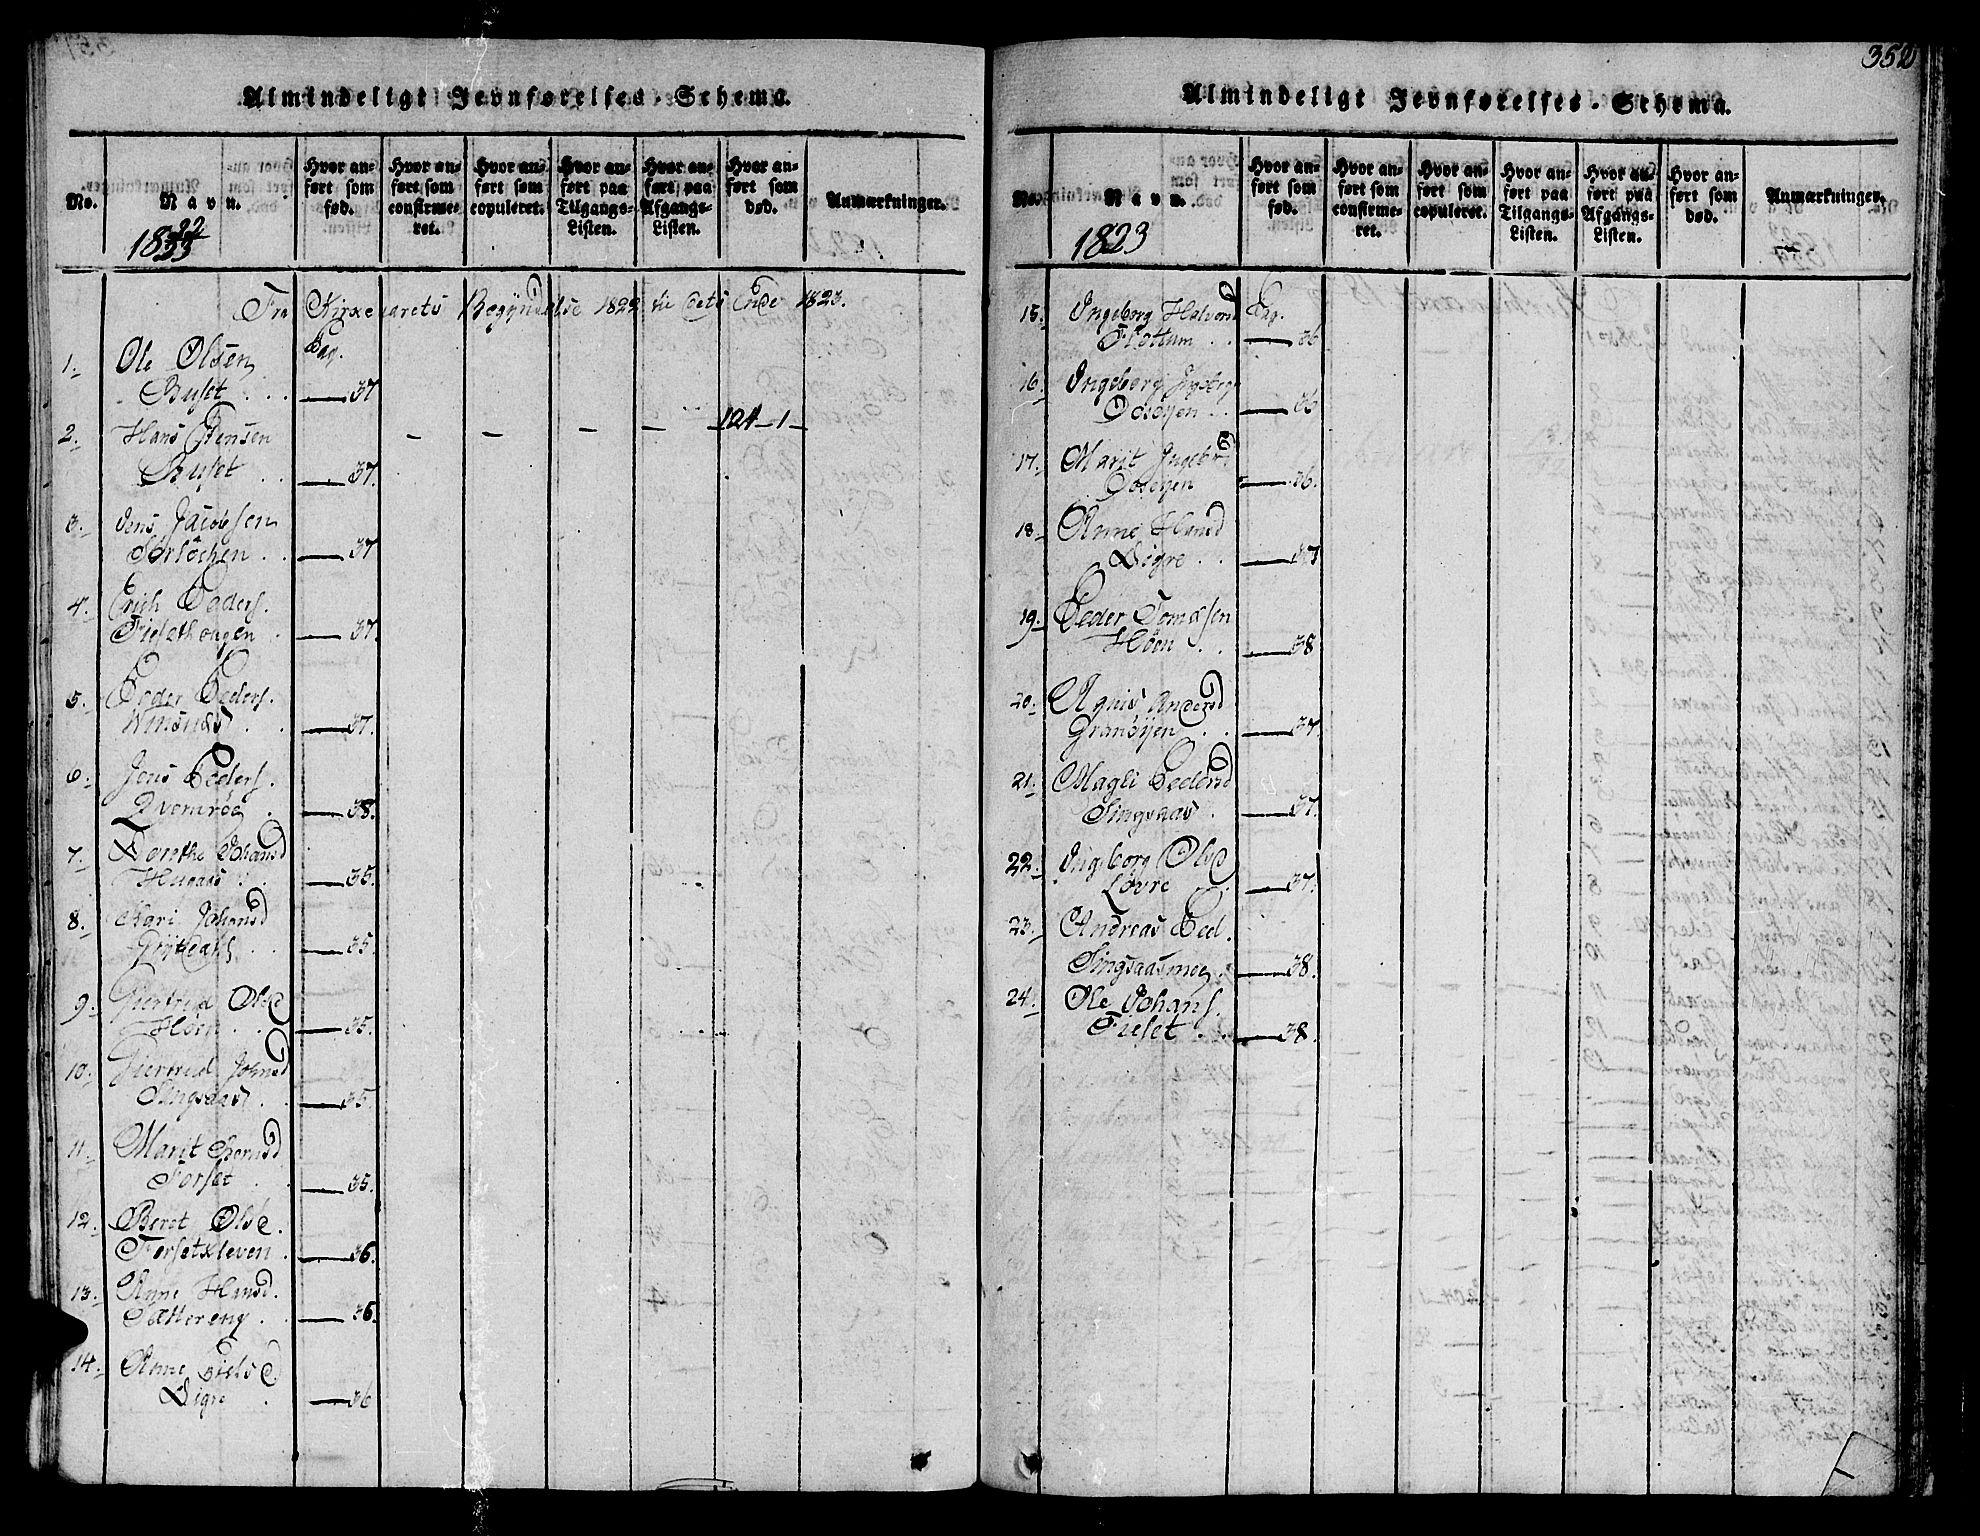 SAT, Ministerialprotokoller, klokkerbøker og fødselsregistre - Sør-Trøndelag, 685/L0955: Ministerialbok nr. 685A03 /2, 1817-1829, s. 352